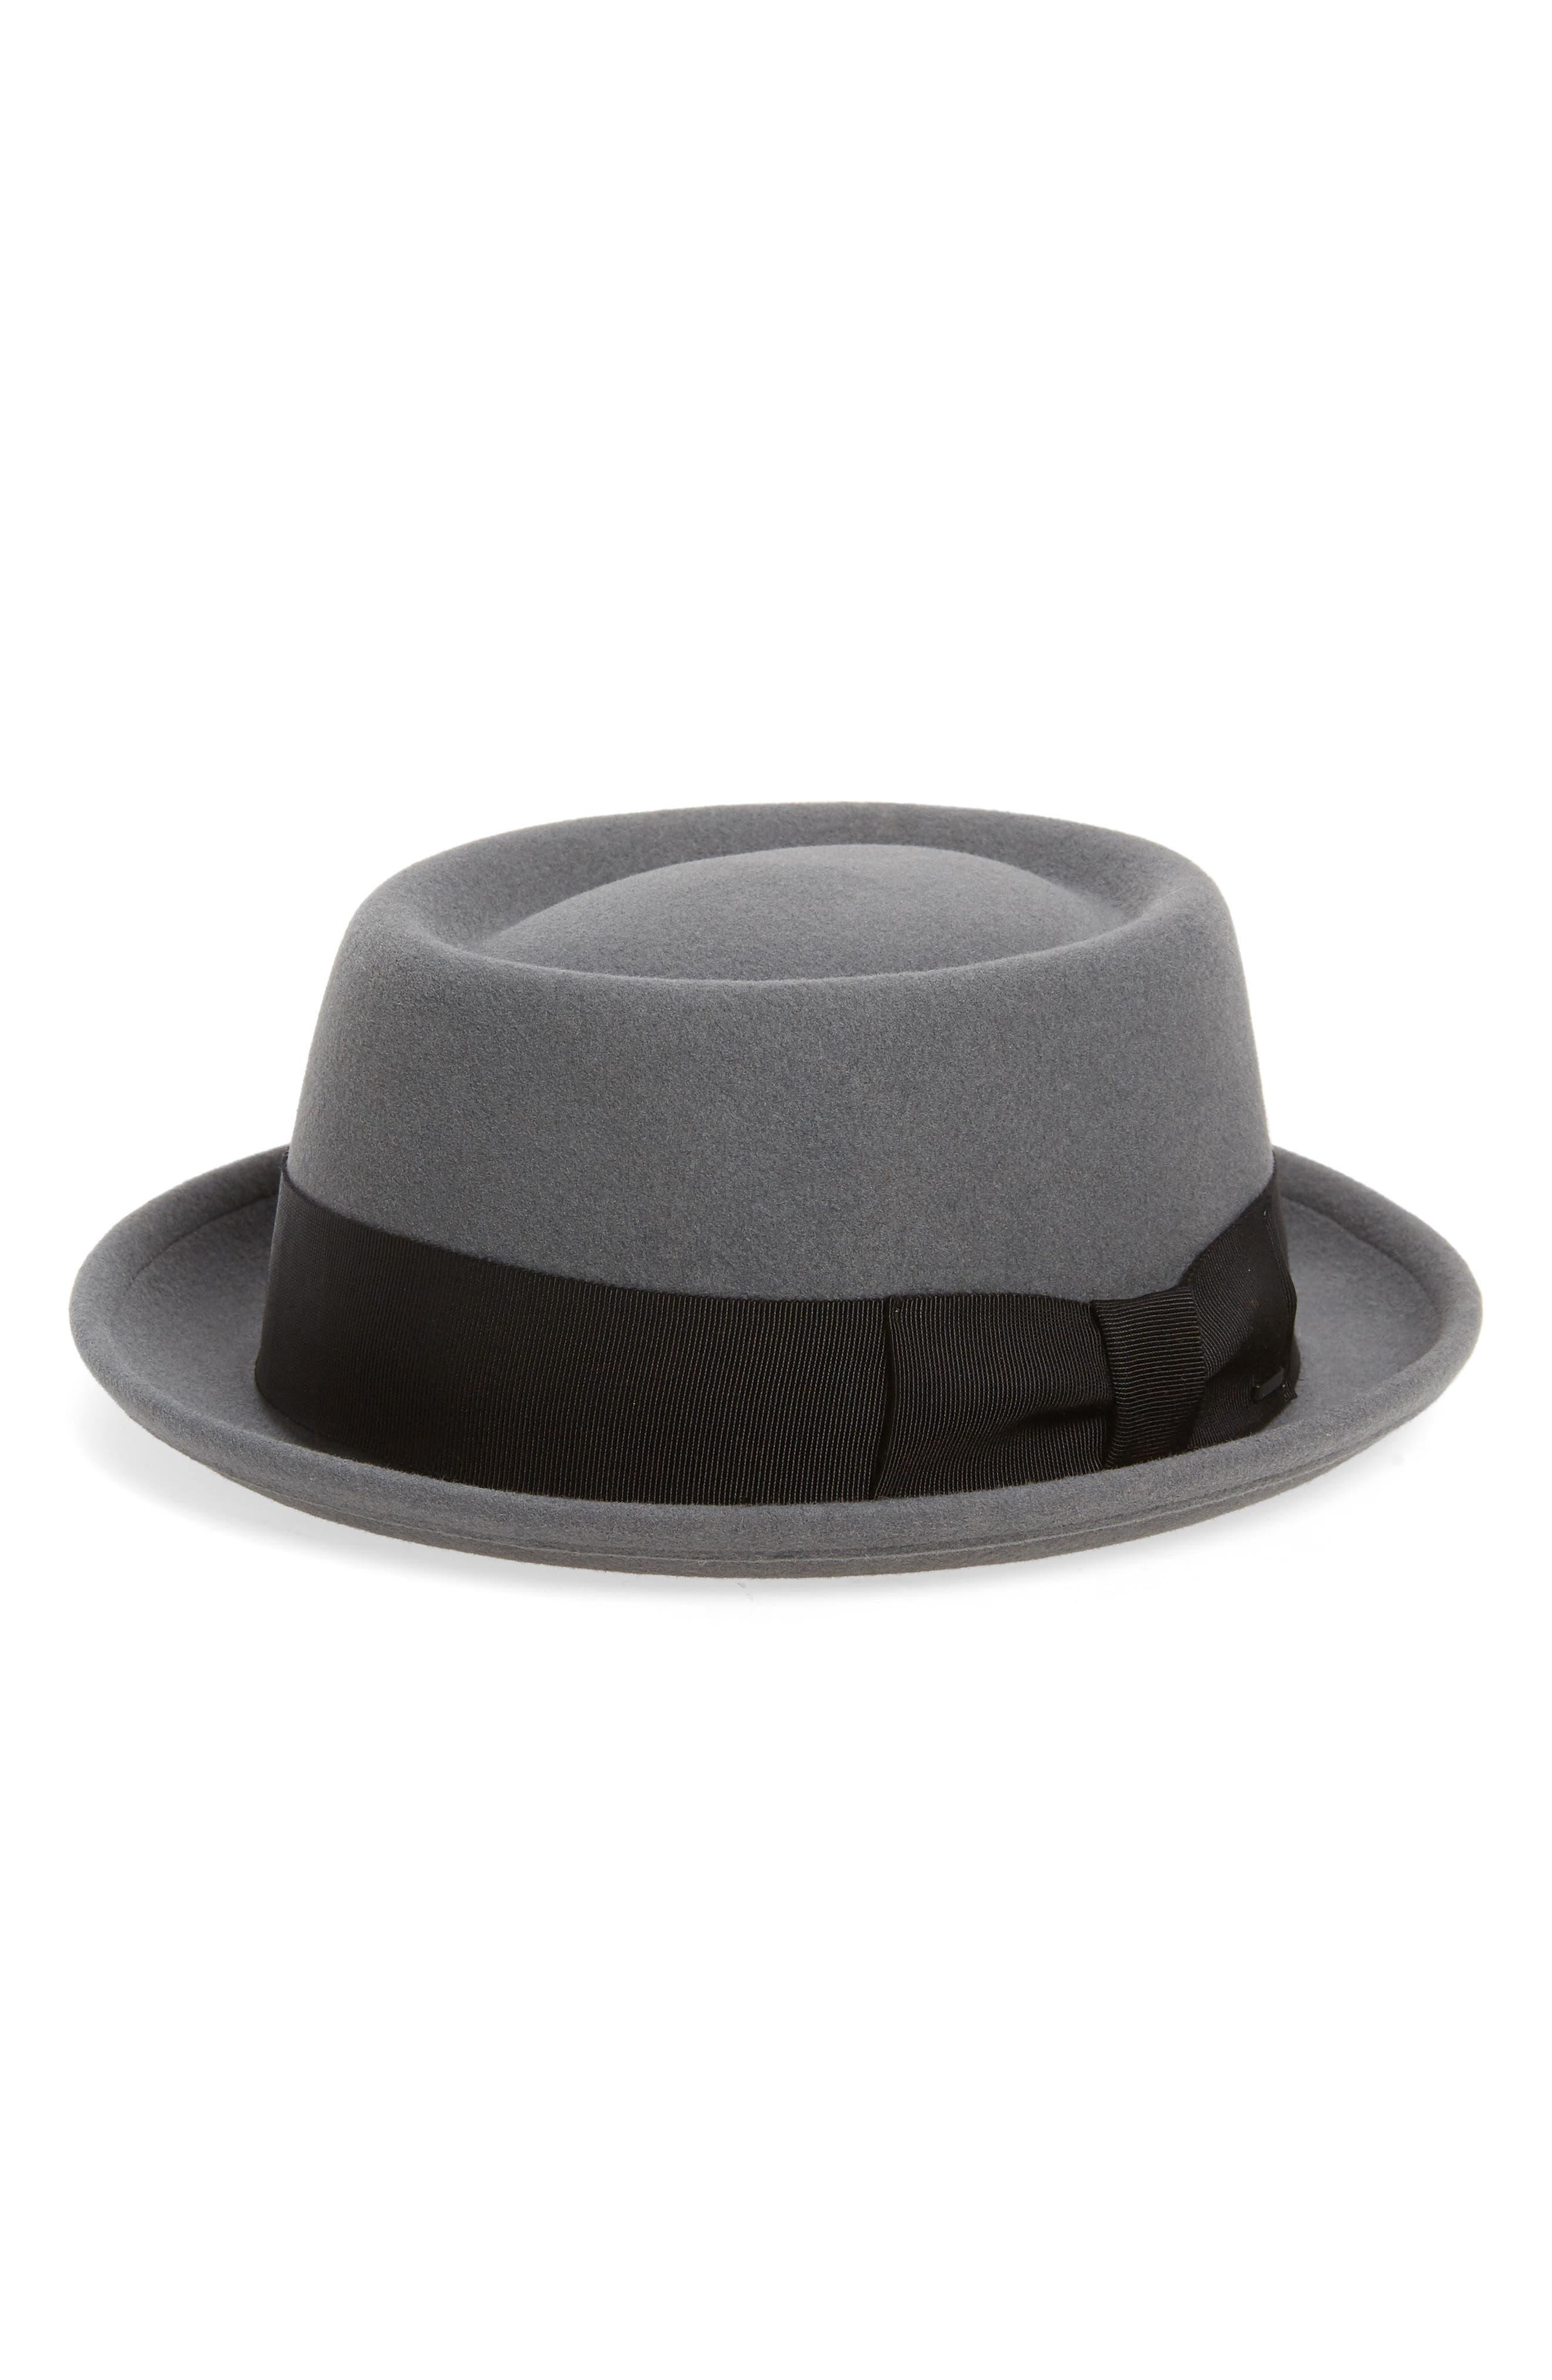 'Darron' Wool Felt Pork Pie Hat